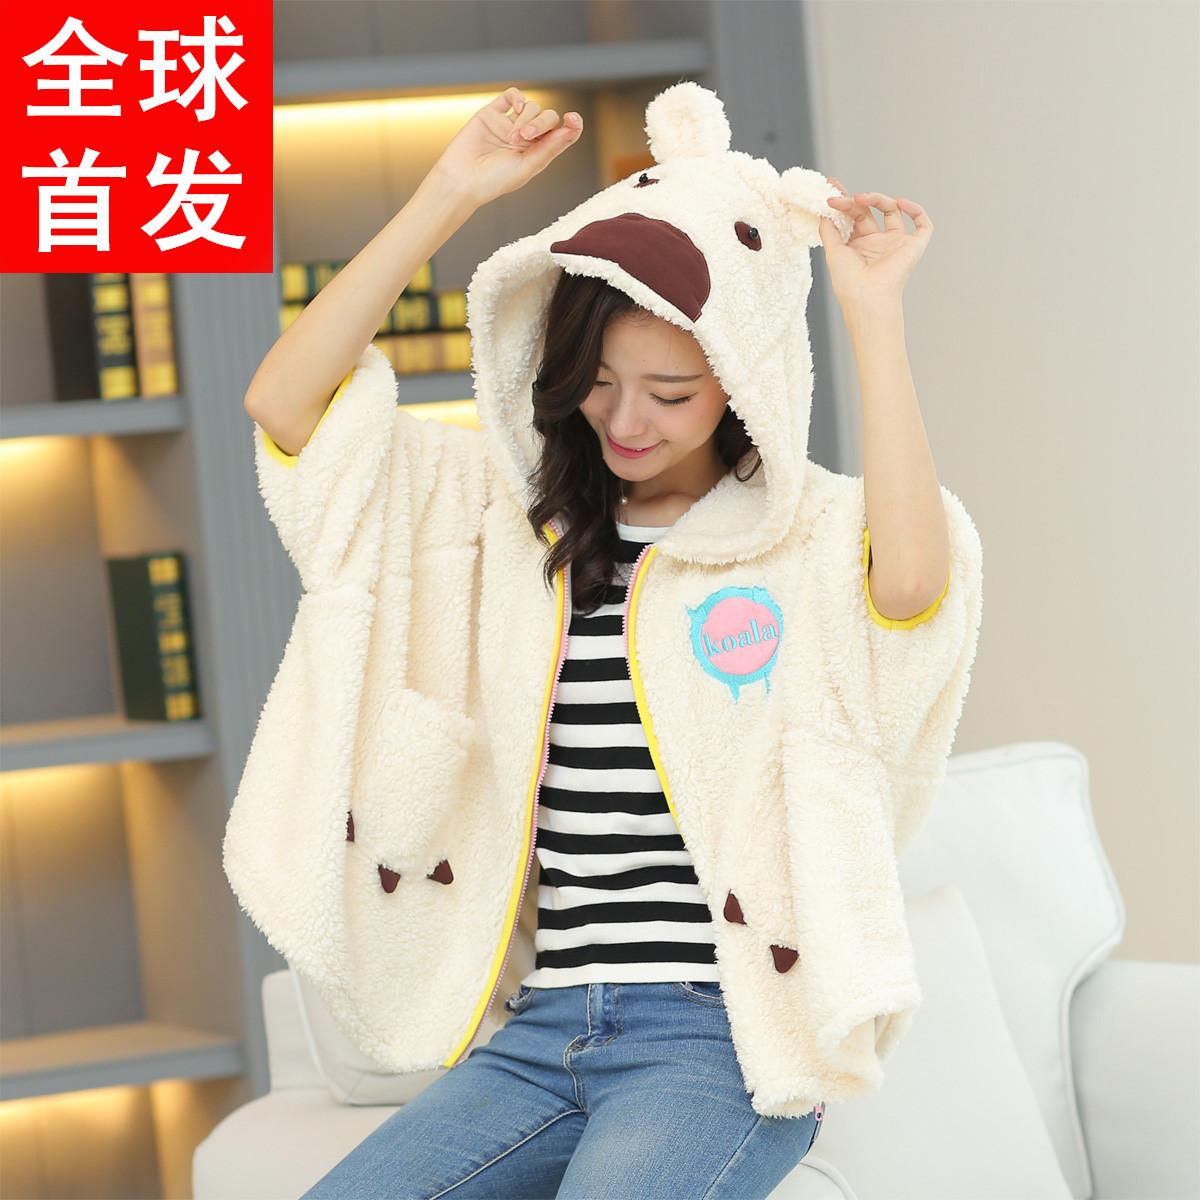 冬装韩版可爱小熊蝙蝠袖冬天毛绒外套冬季学生卫衣潮